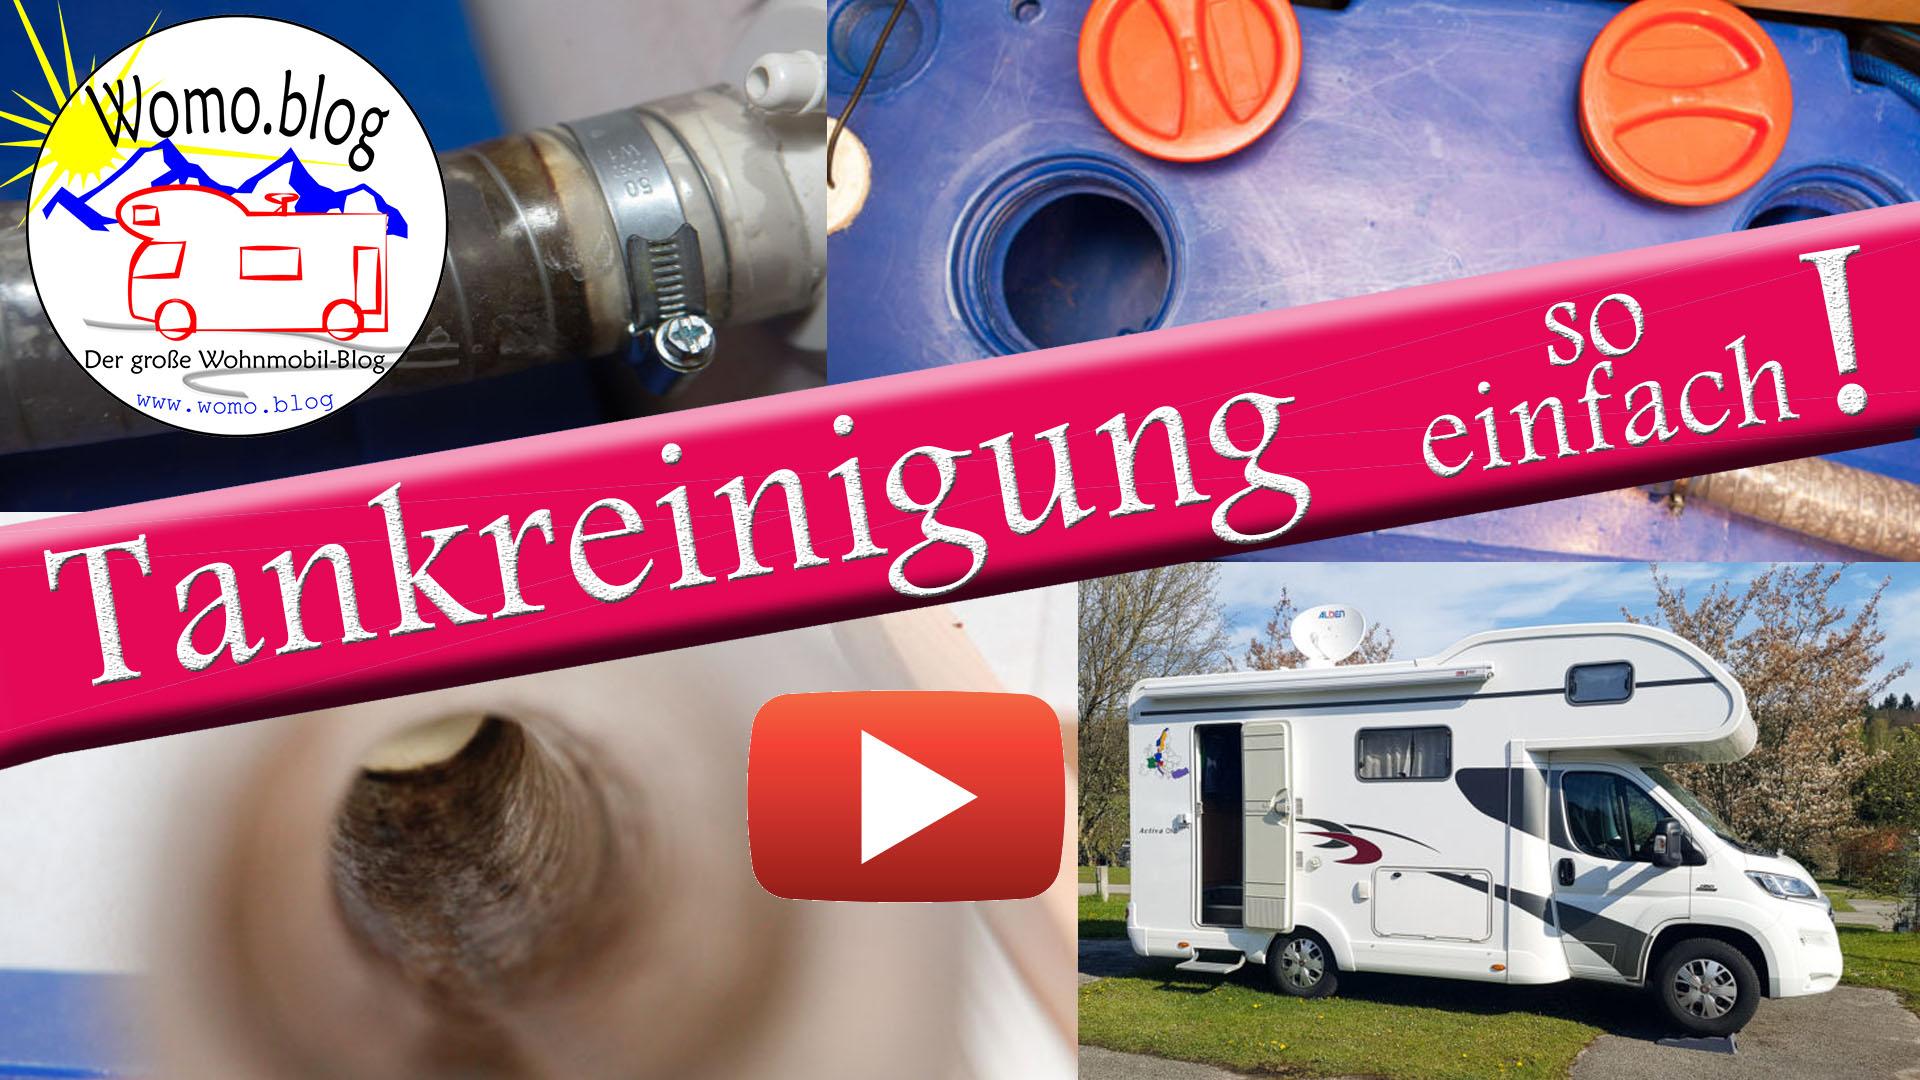 Tankreinigung, Wasserrohre reinigen, Tankdesinfektion - so geht es